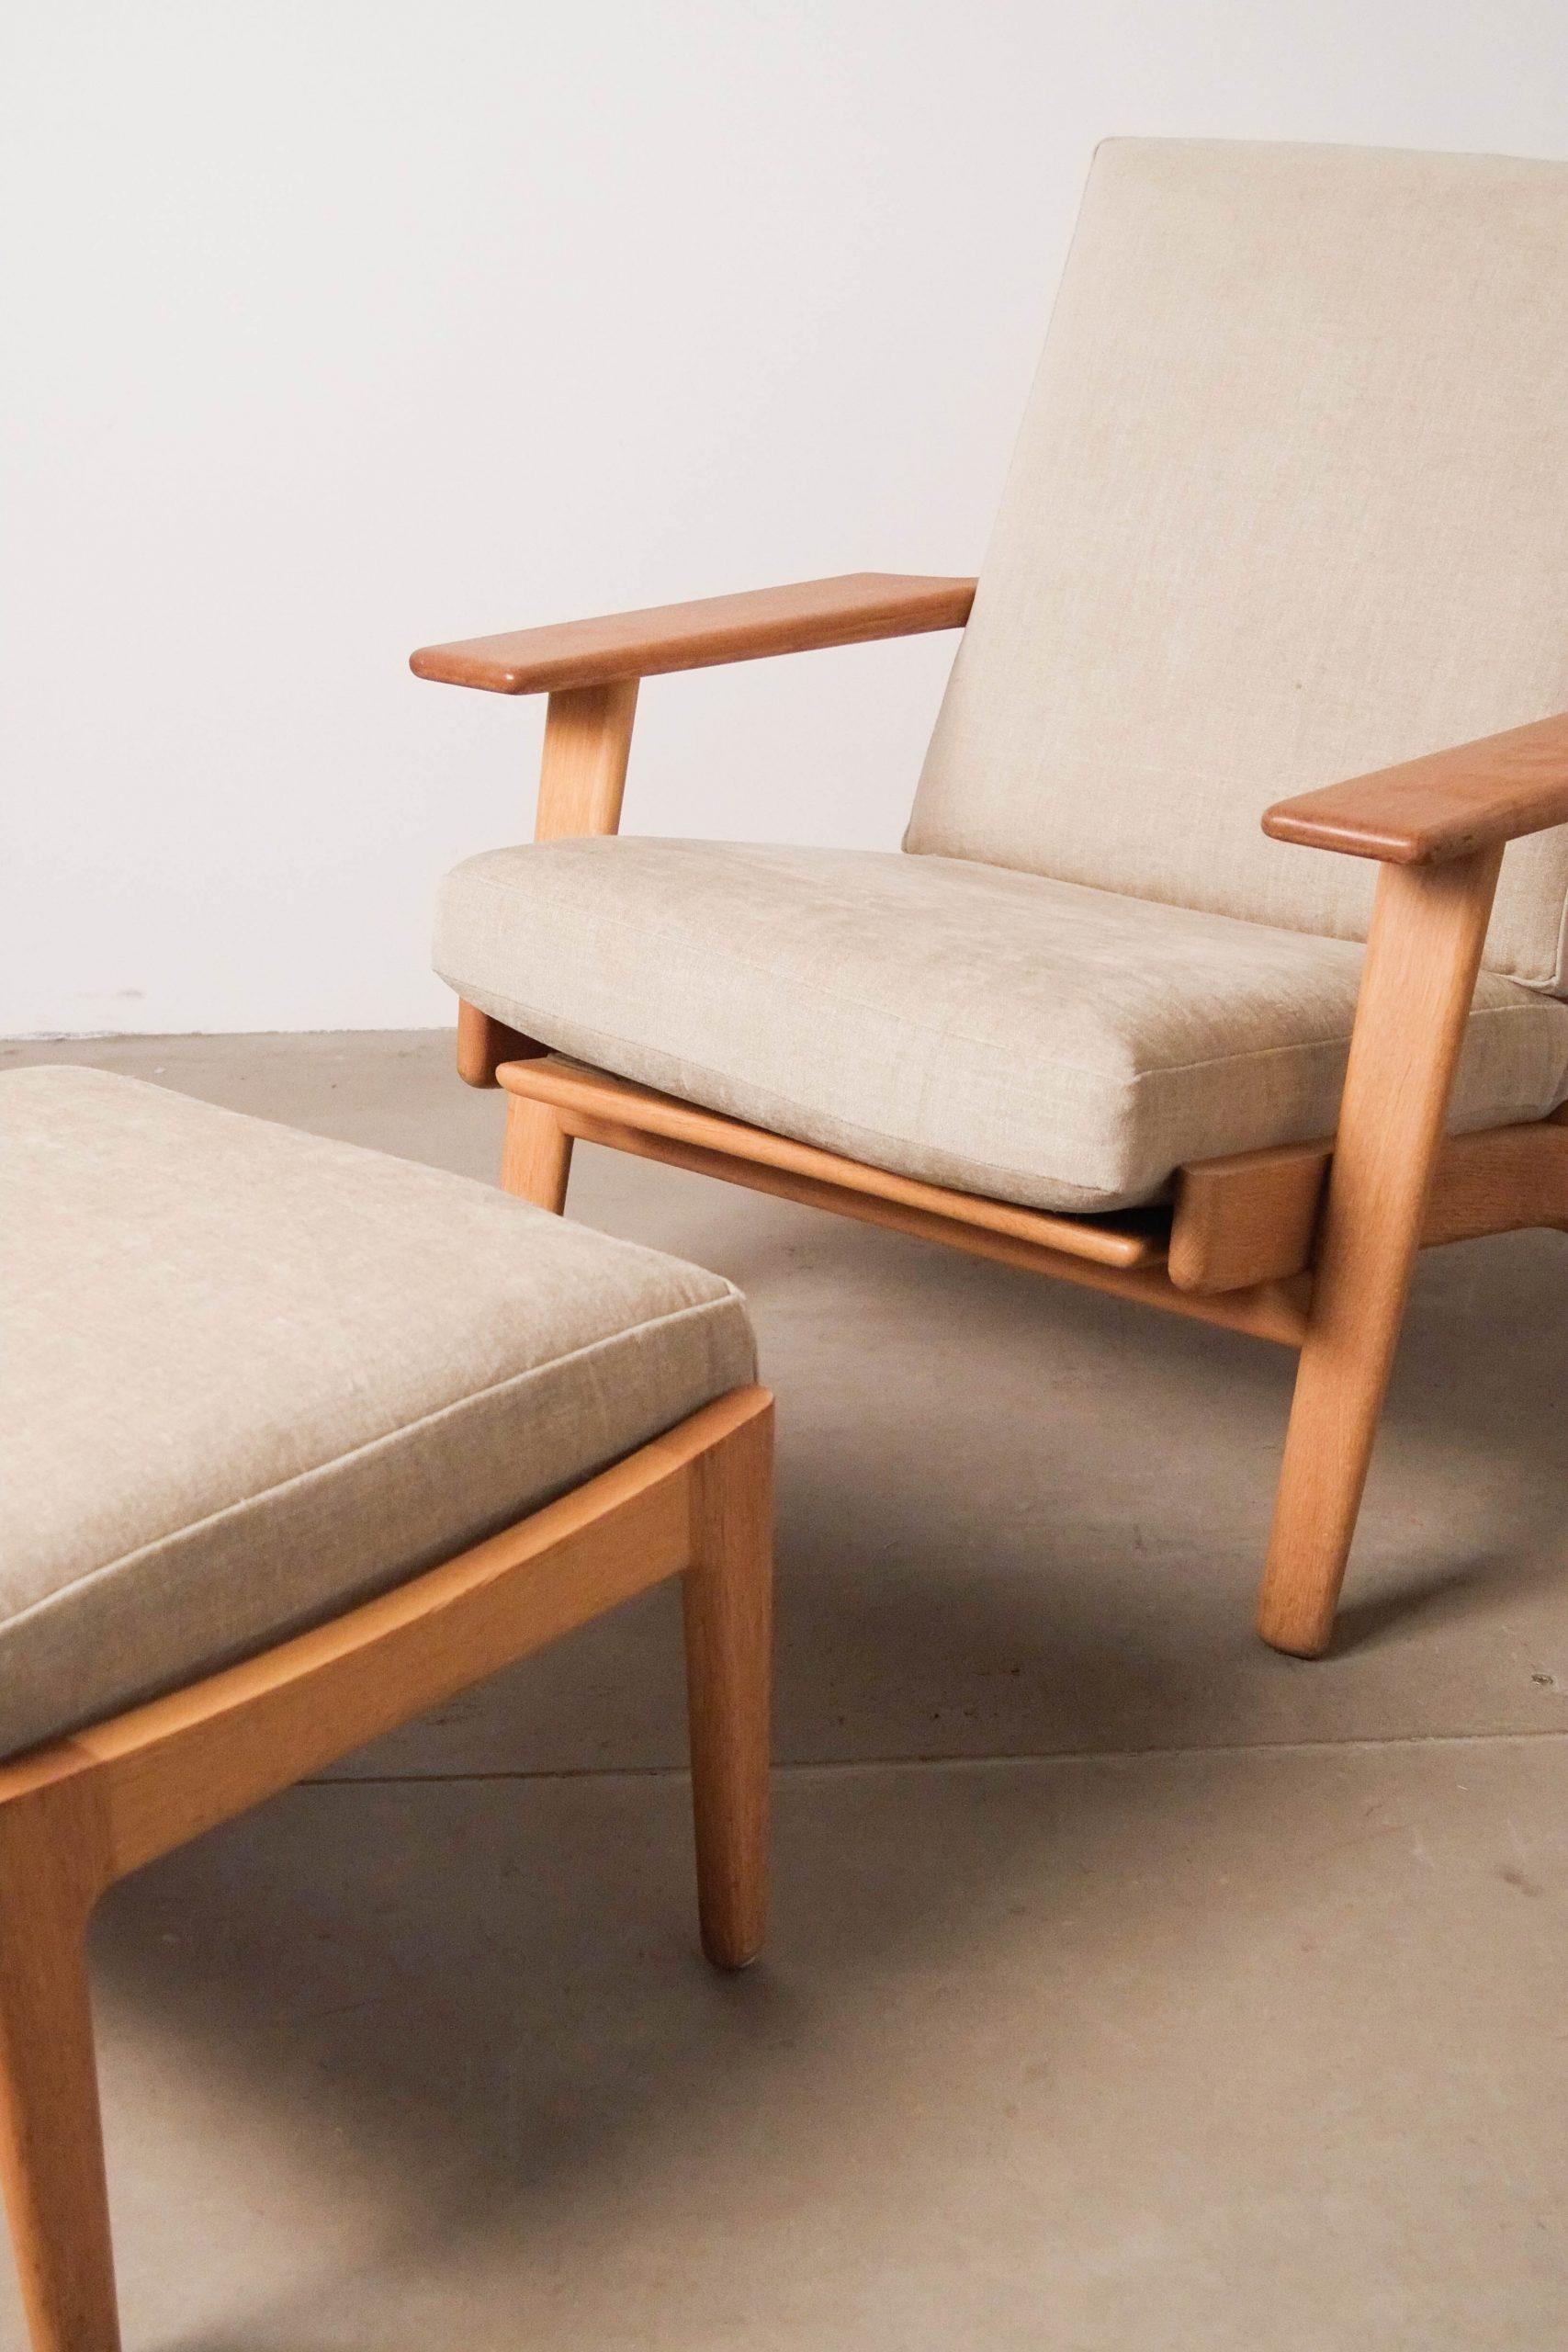 butaca con reposa pies de diseño lounge comoda silla nordica